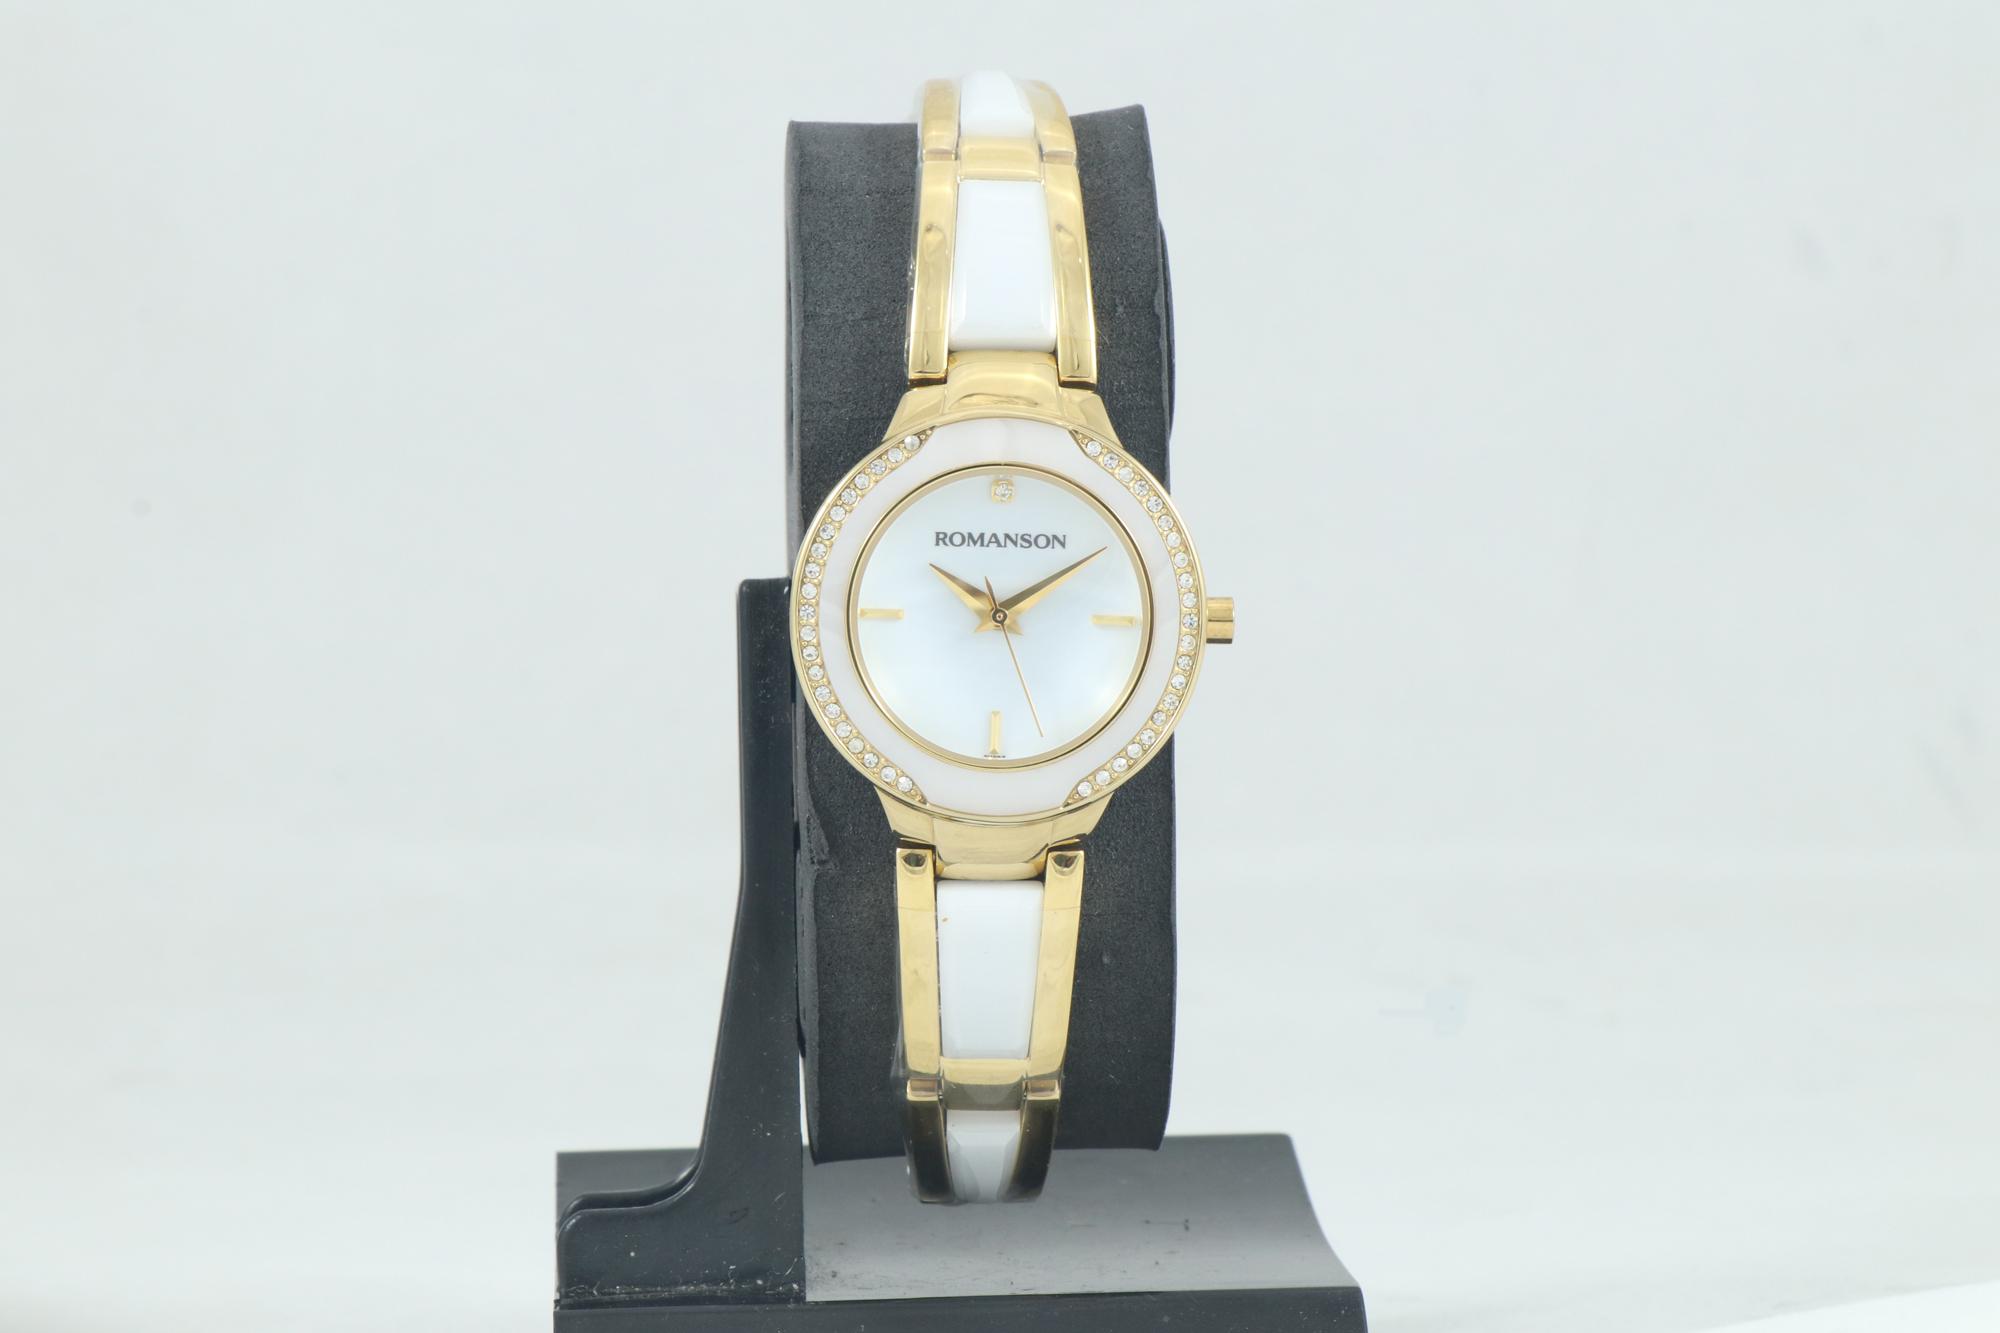 ساعت مچی عقربه ای زنانه رومانسون مدل ۷۰۷۲L